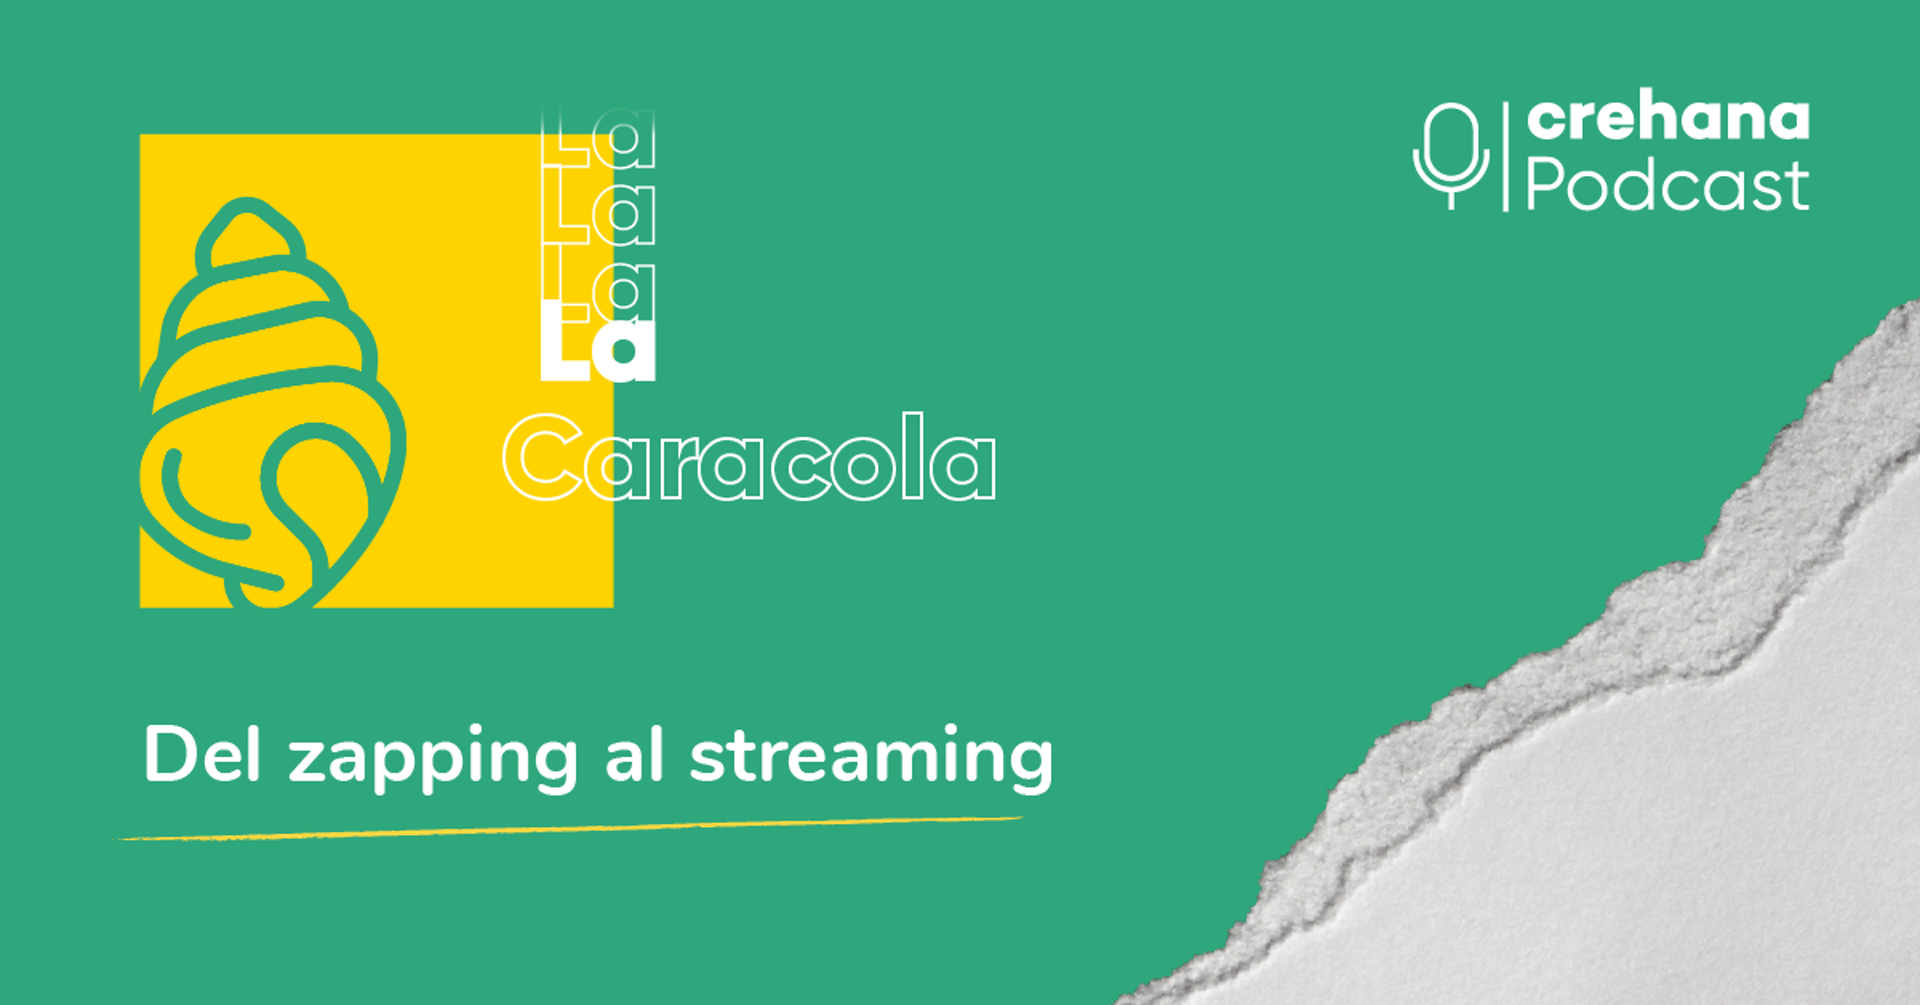 La Caracola, episodio 3: Del zapping al streaming